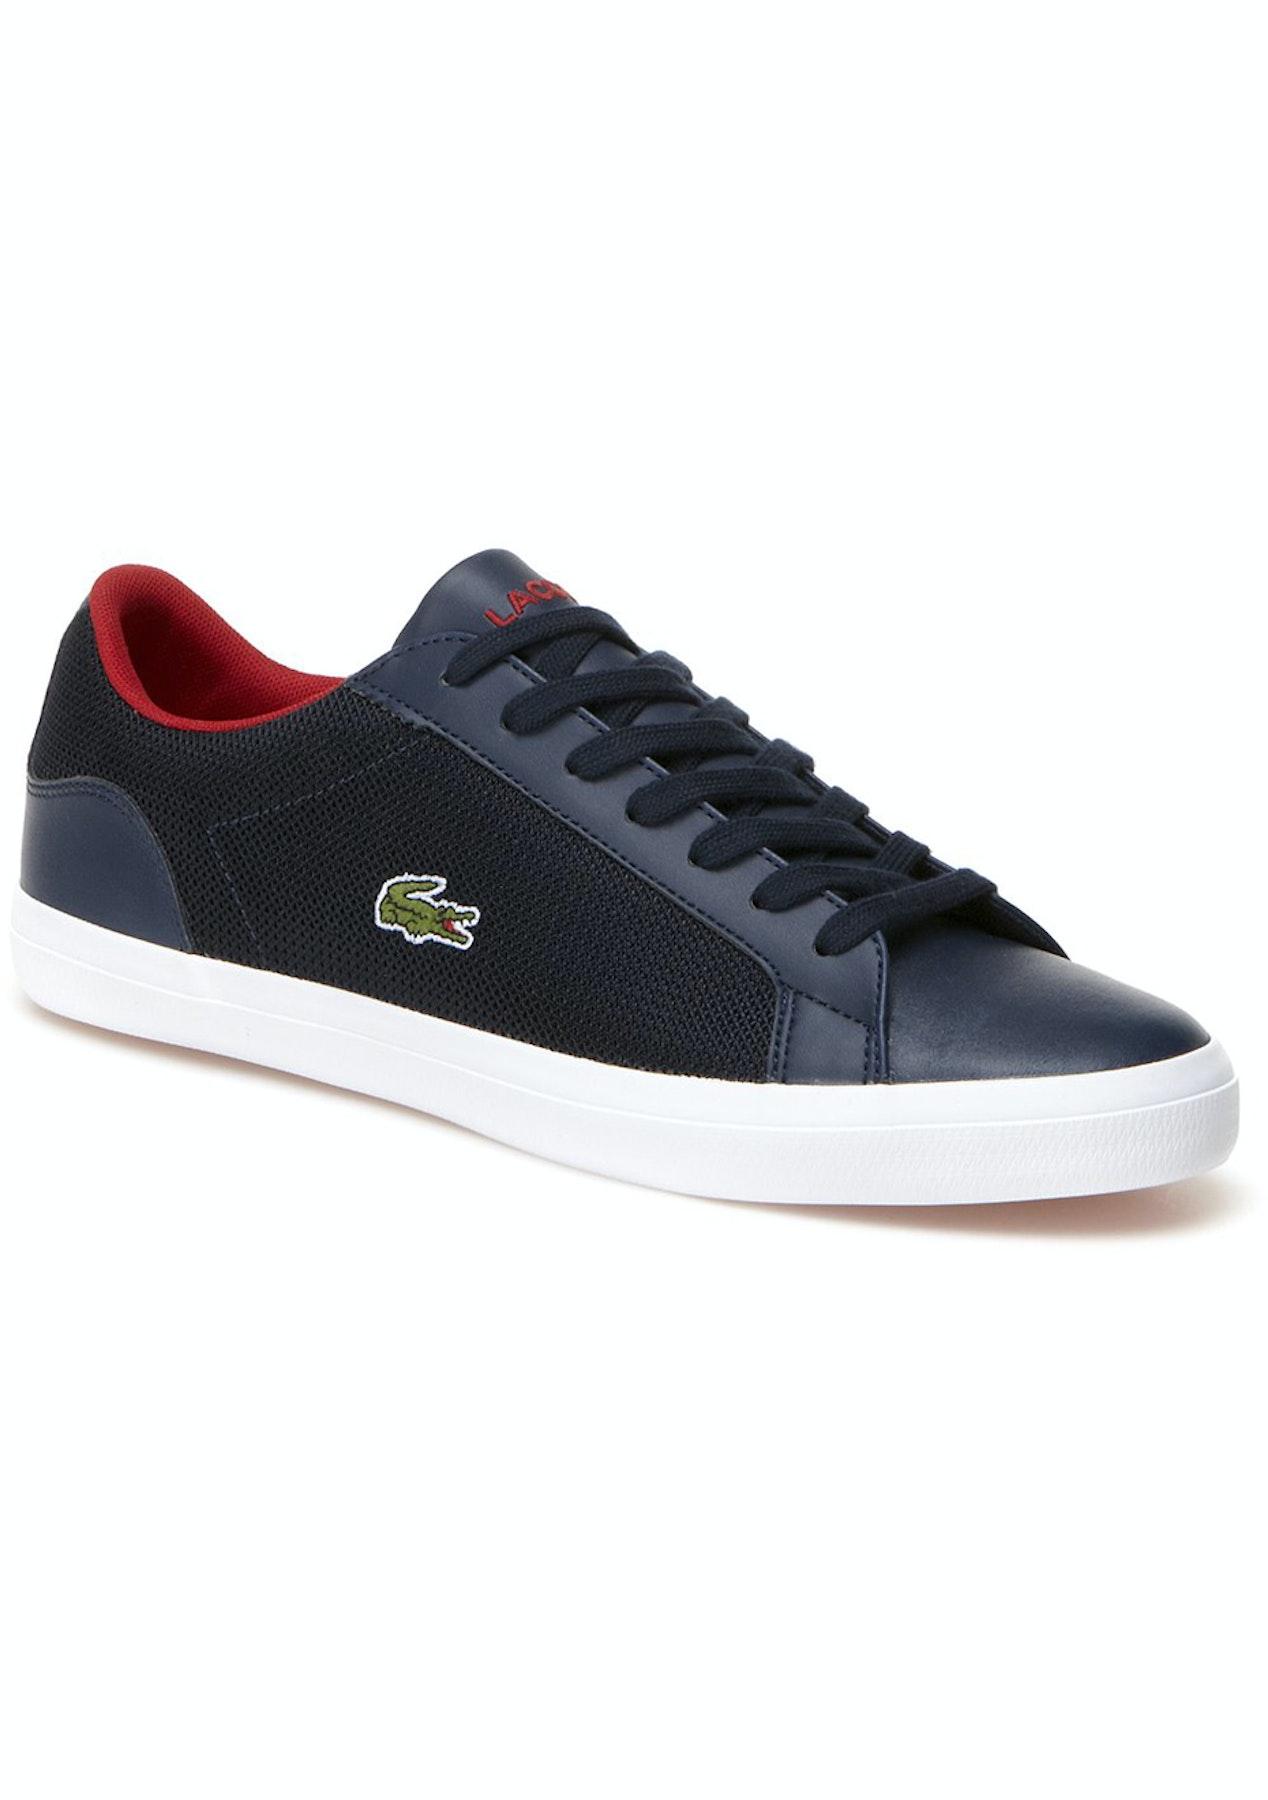 3066bd546119a8 Mens Lacoste - Lerond 116 1 Spm - Navy - Mens Shoe Sale - Onceit pretty ...